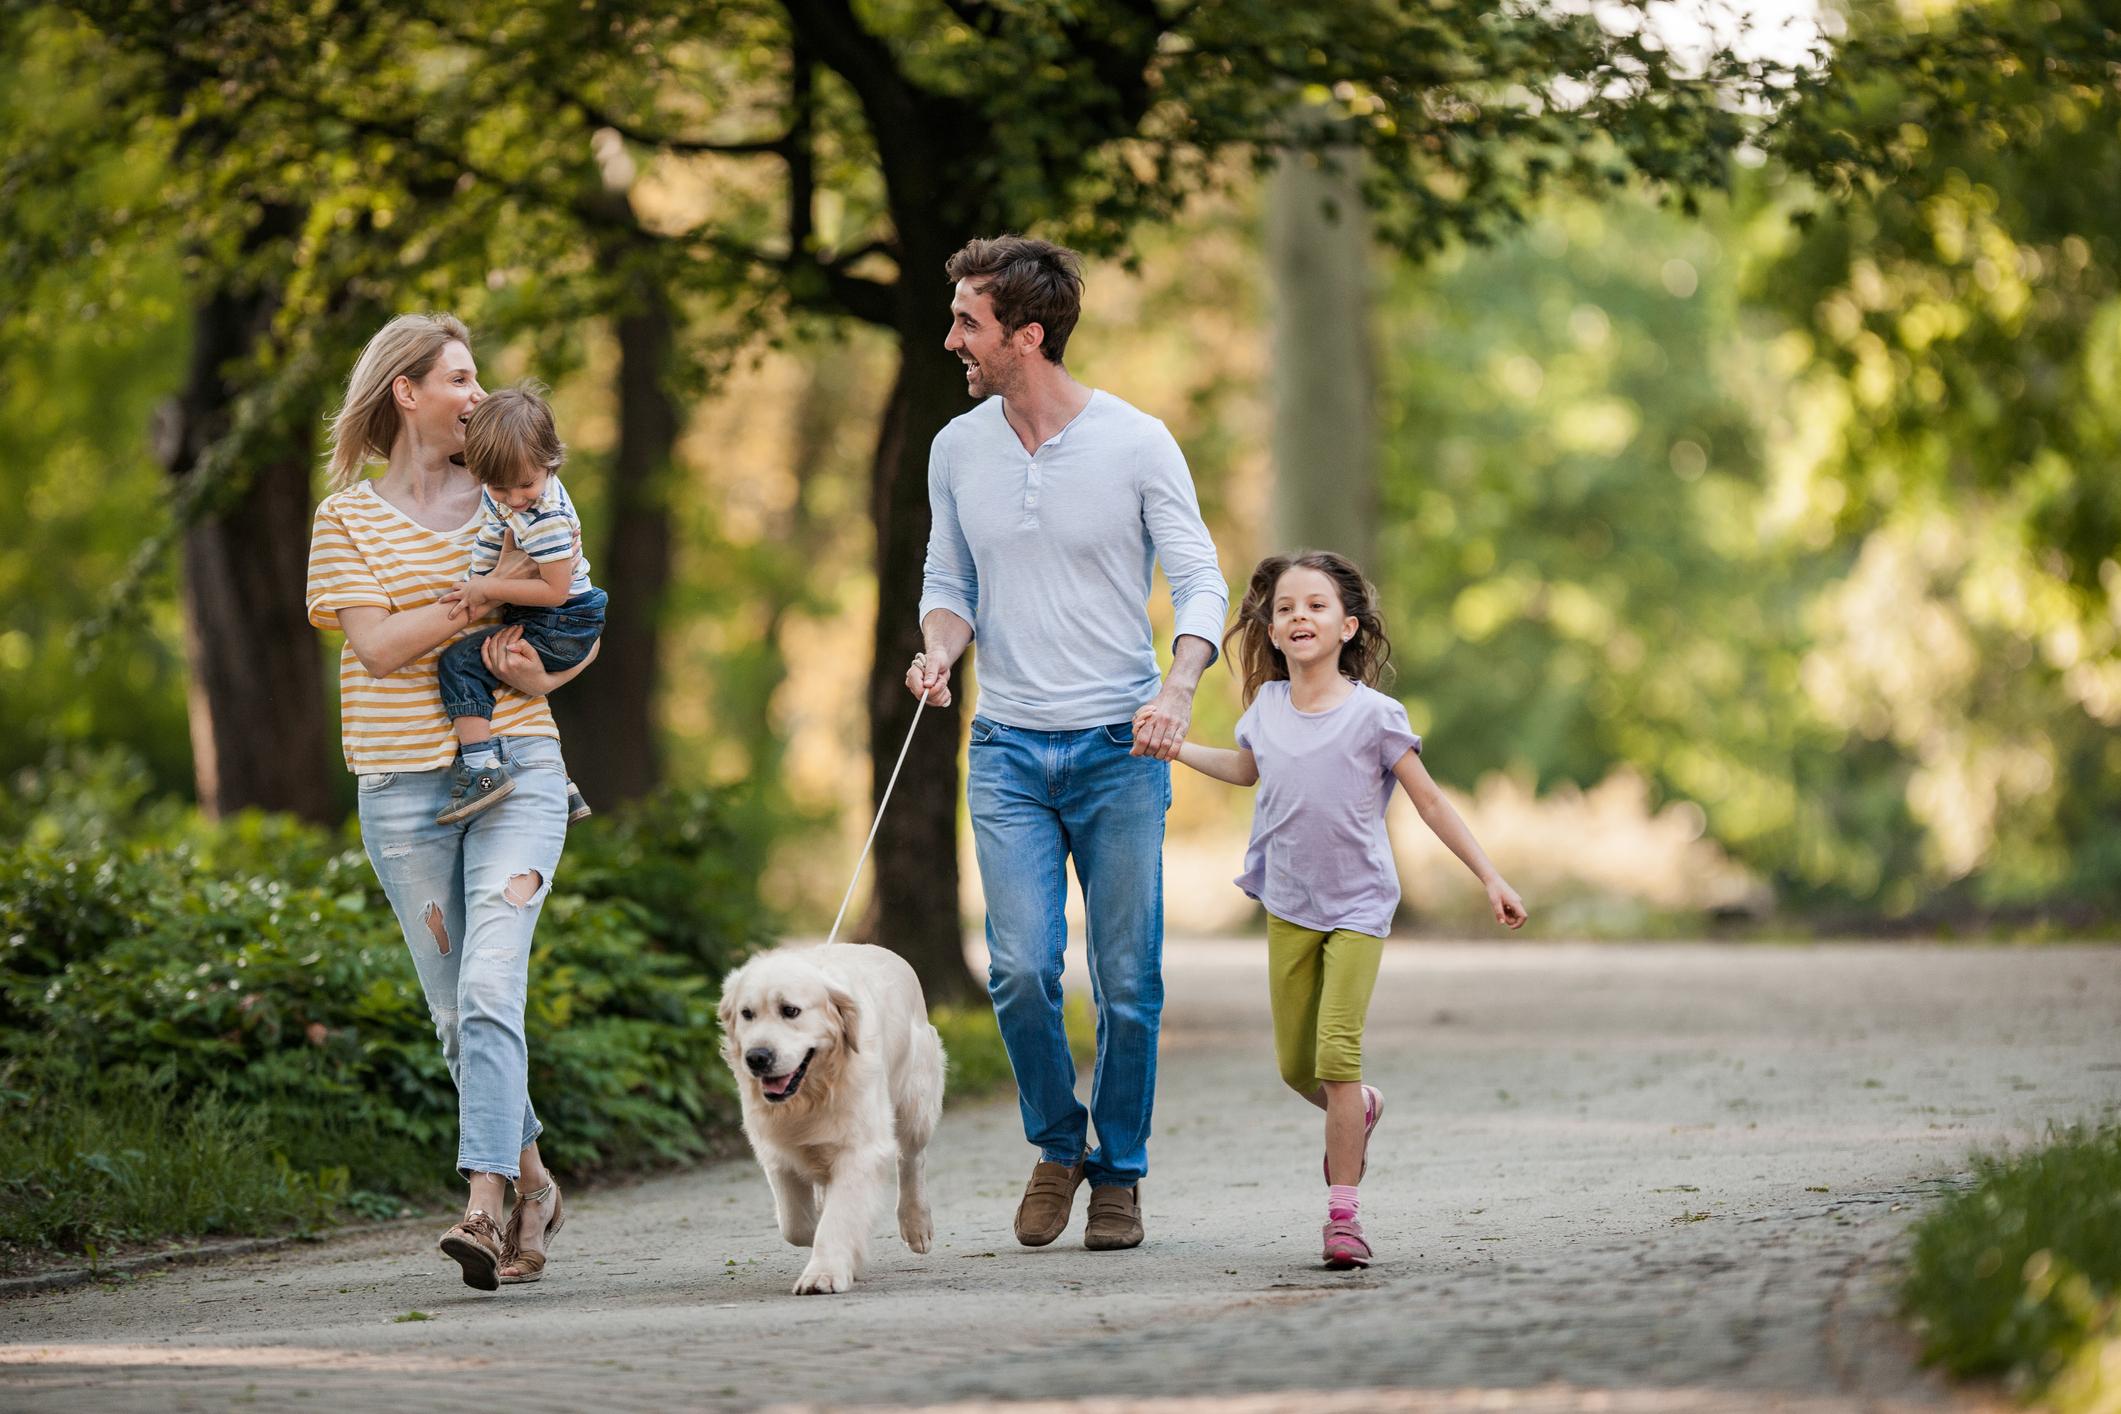 Οικογενειακή εξόρμηση τοΣαββατοκύριακο χωρίς αυτοκίνητο -5 κοντινοί προορισμοί στην Αθήνα